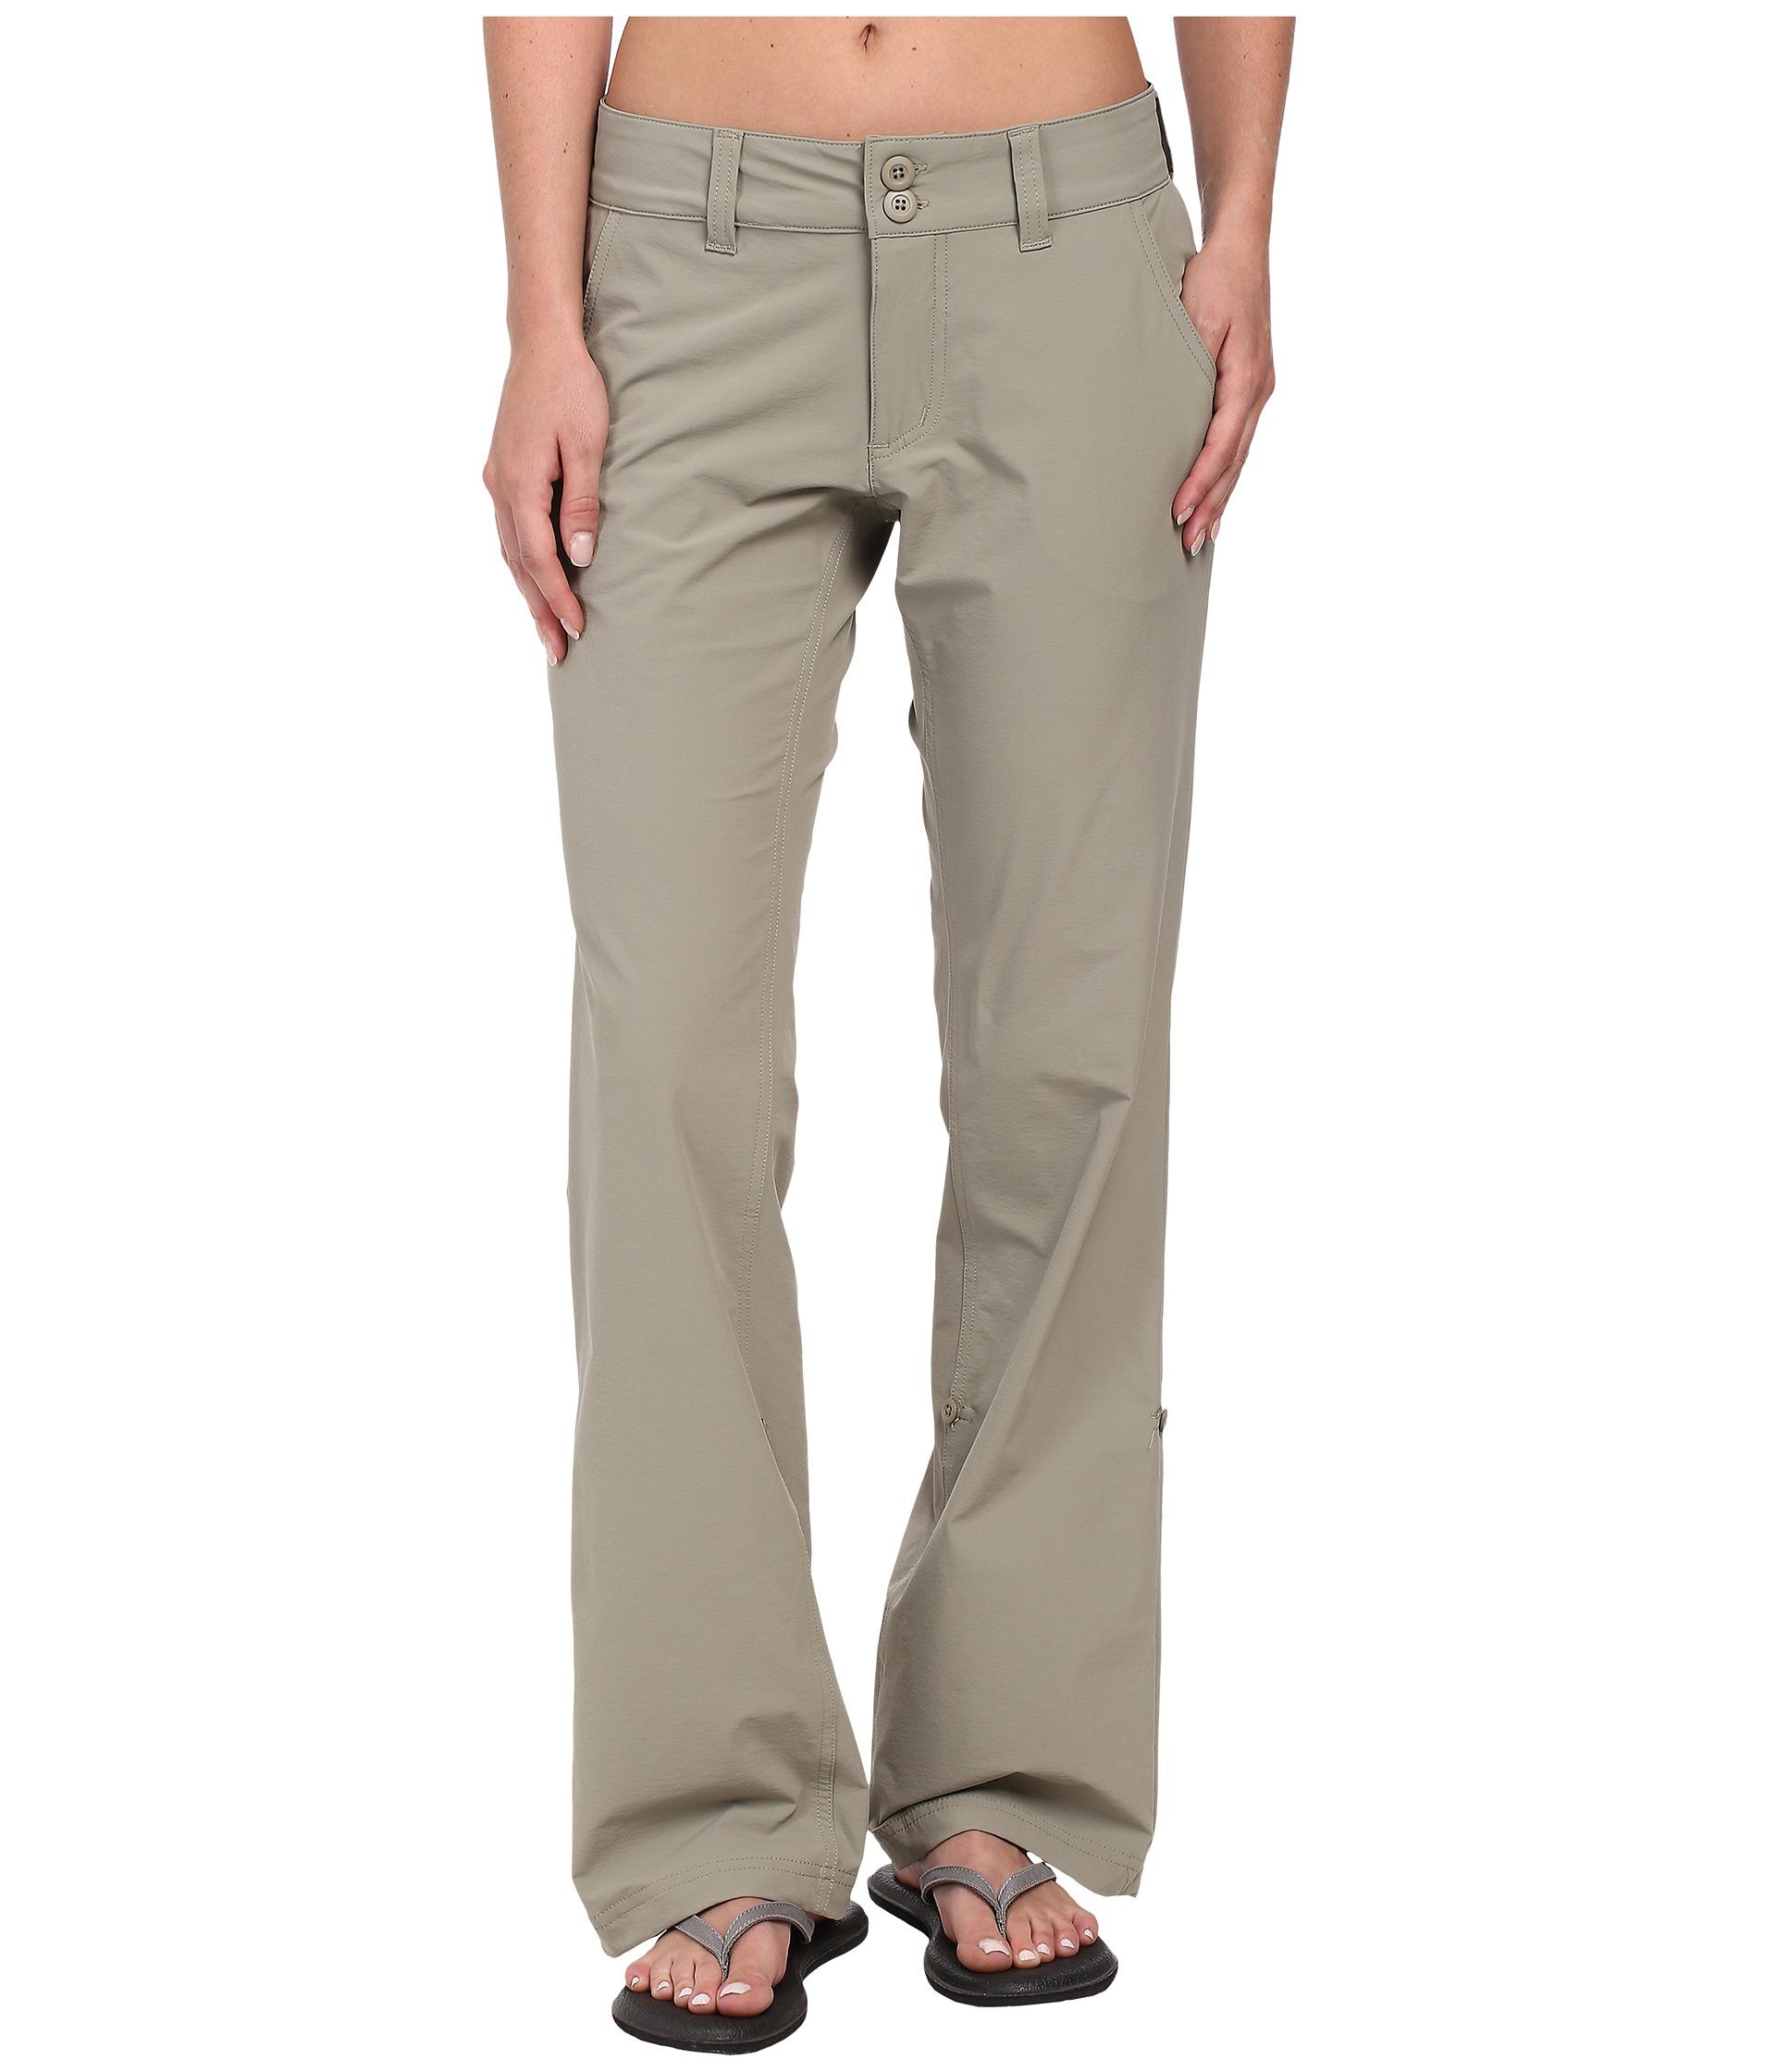 Original Women39s Pants Dickies Flat Front Comfort Waist Pant FP325 Navy Khaki